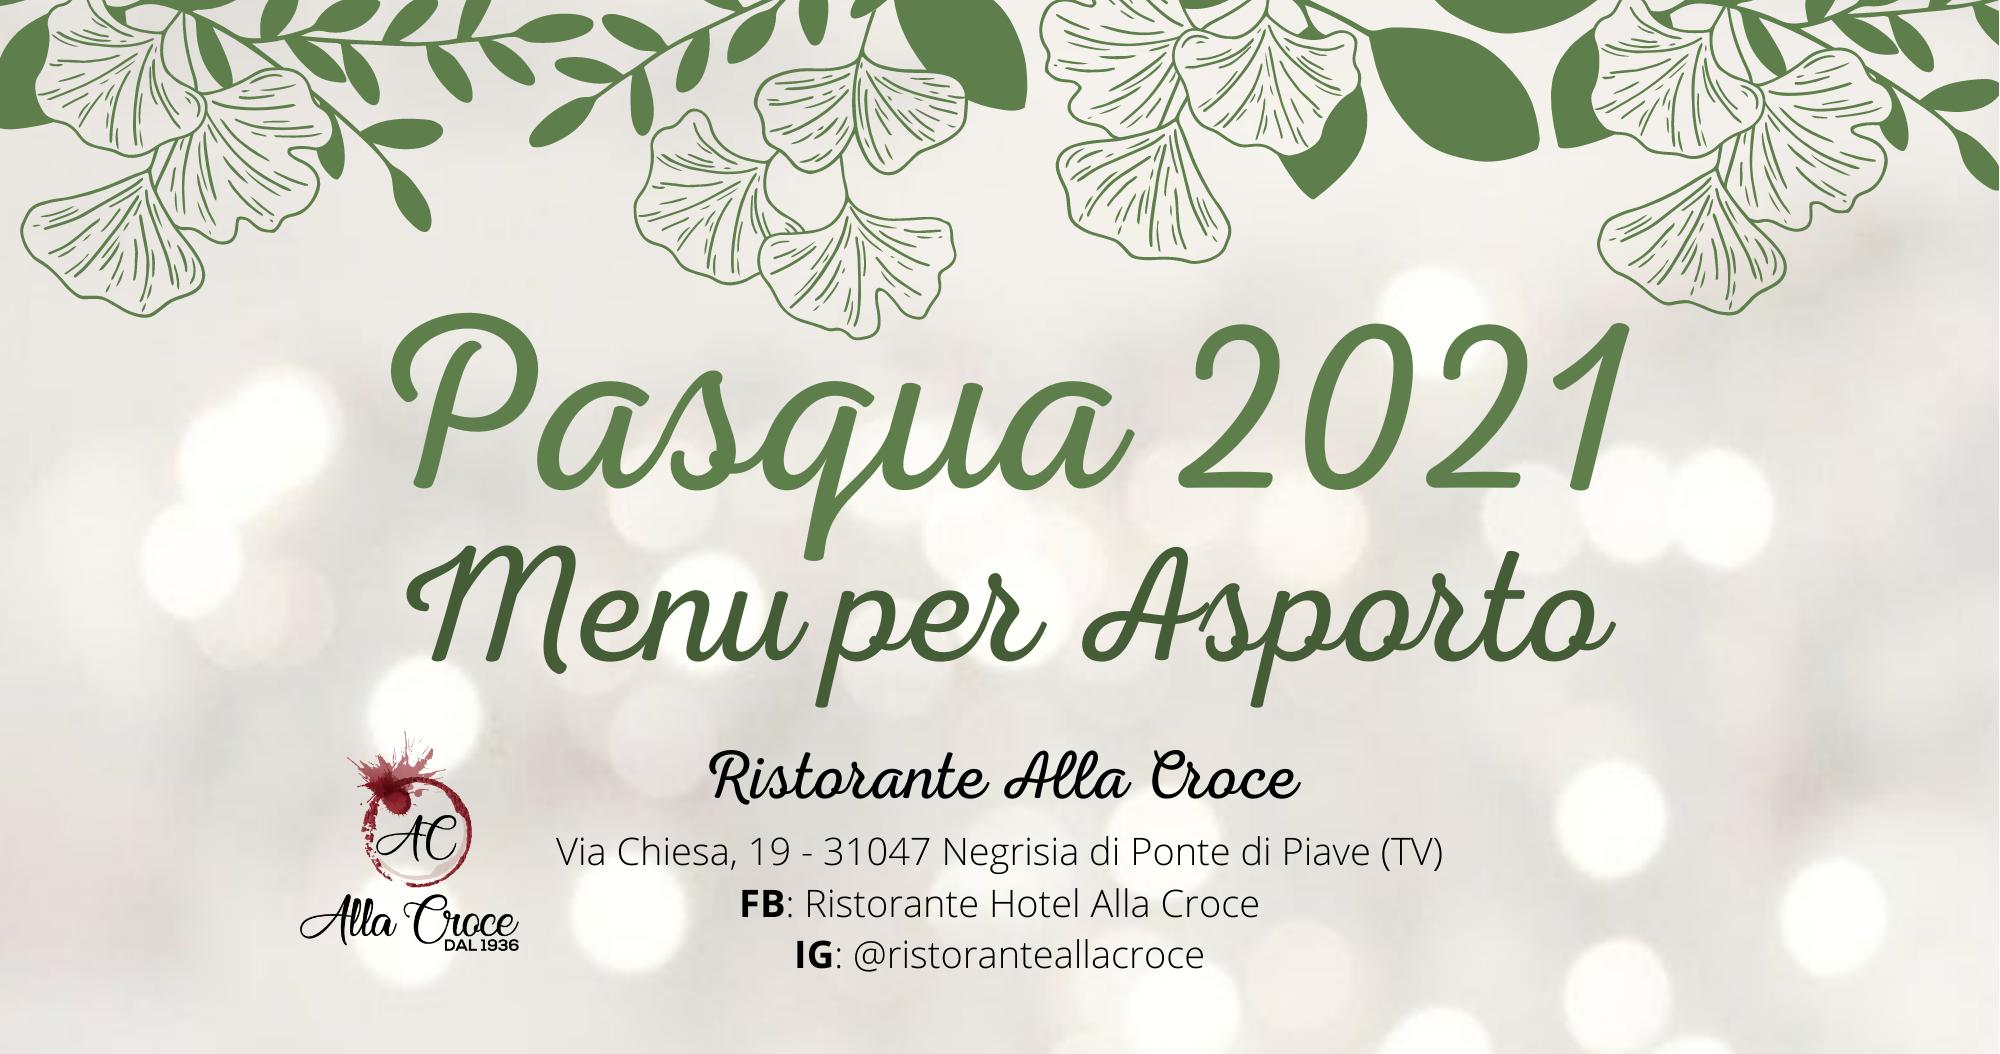 asporto-pasqua-2021-cop